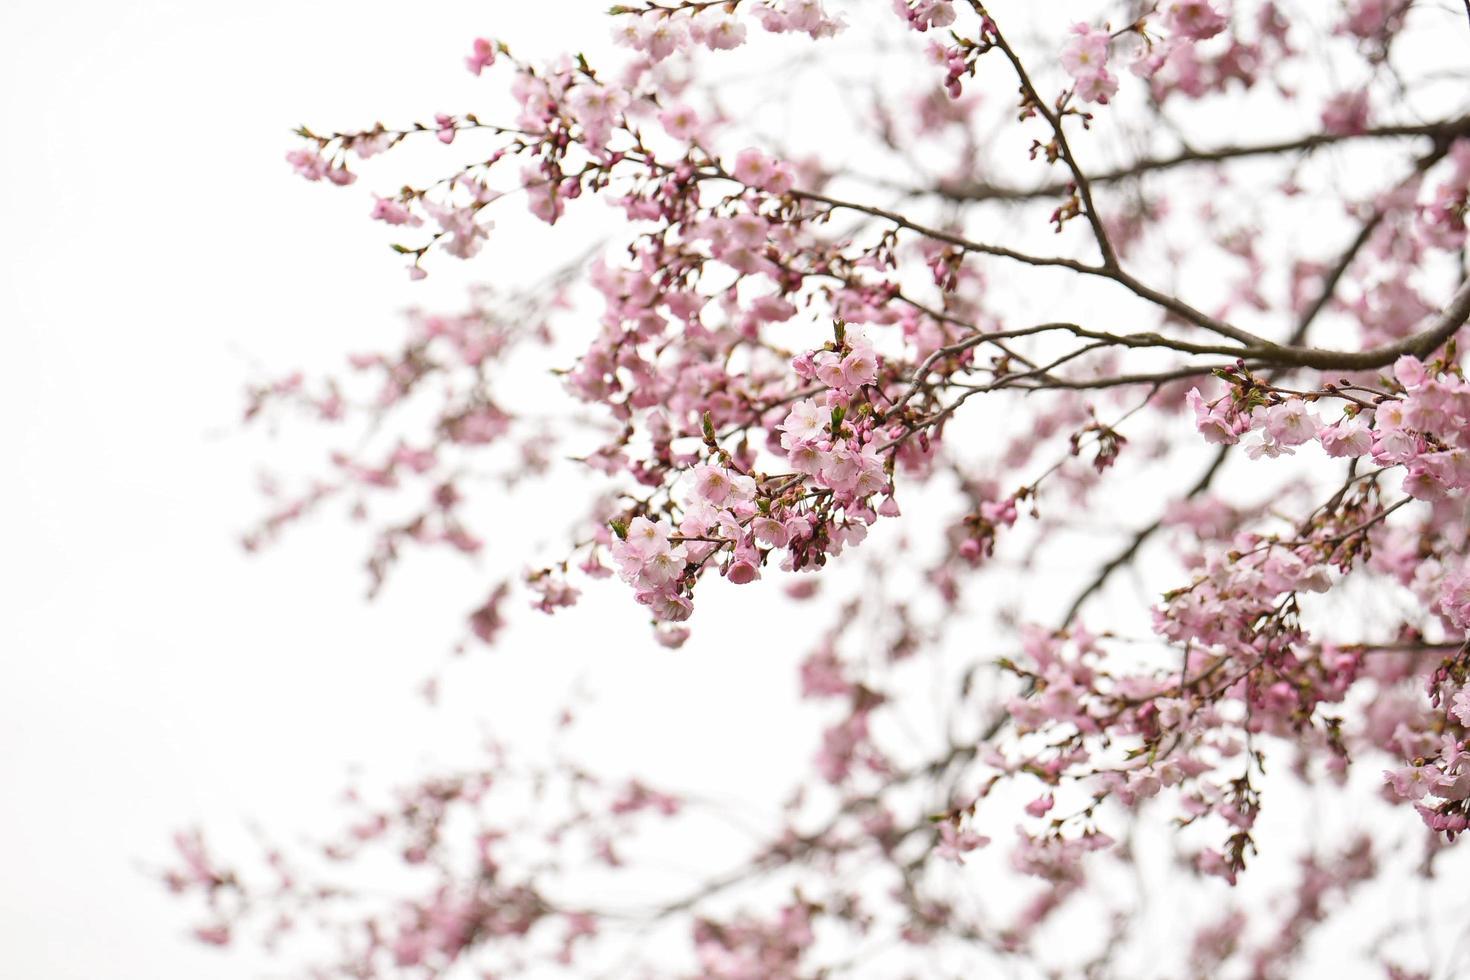 fleurs de cerisier rose dans un ciel couvert photo